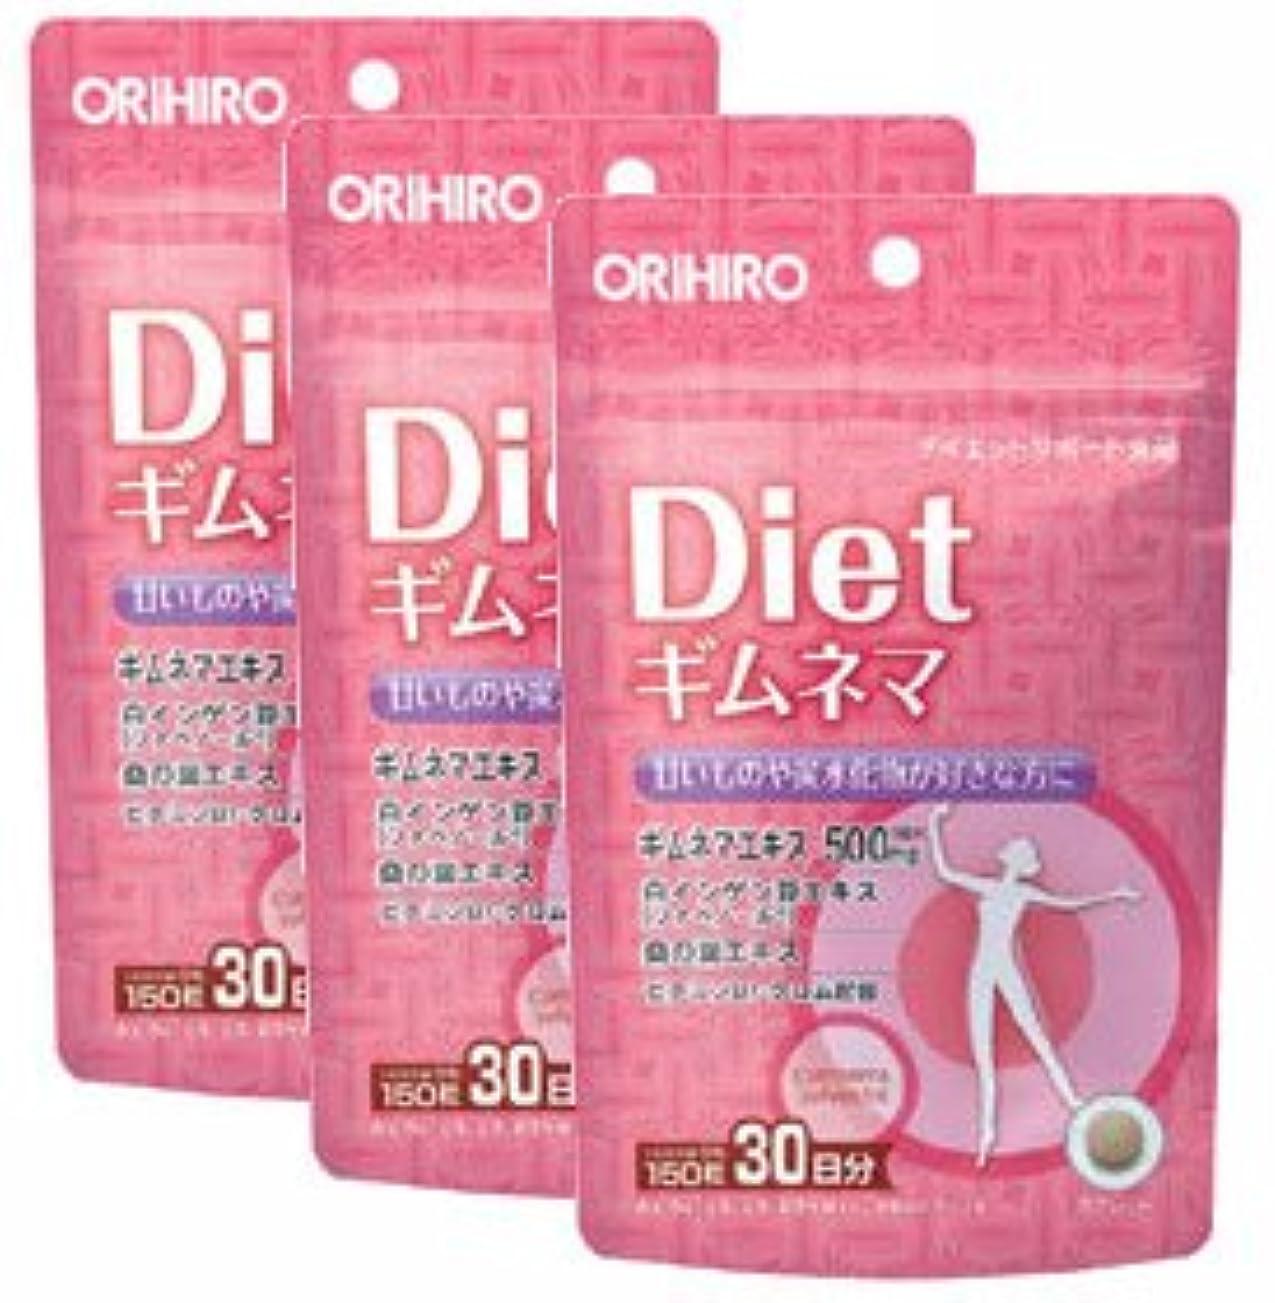 成功したメキシコ大脳Dietギムネマ PD【3袋セット】オリヒロ